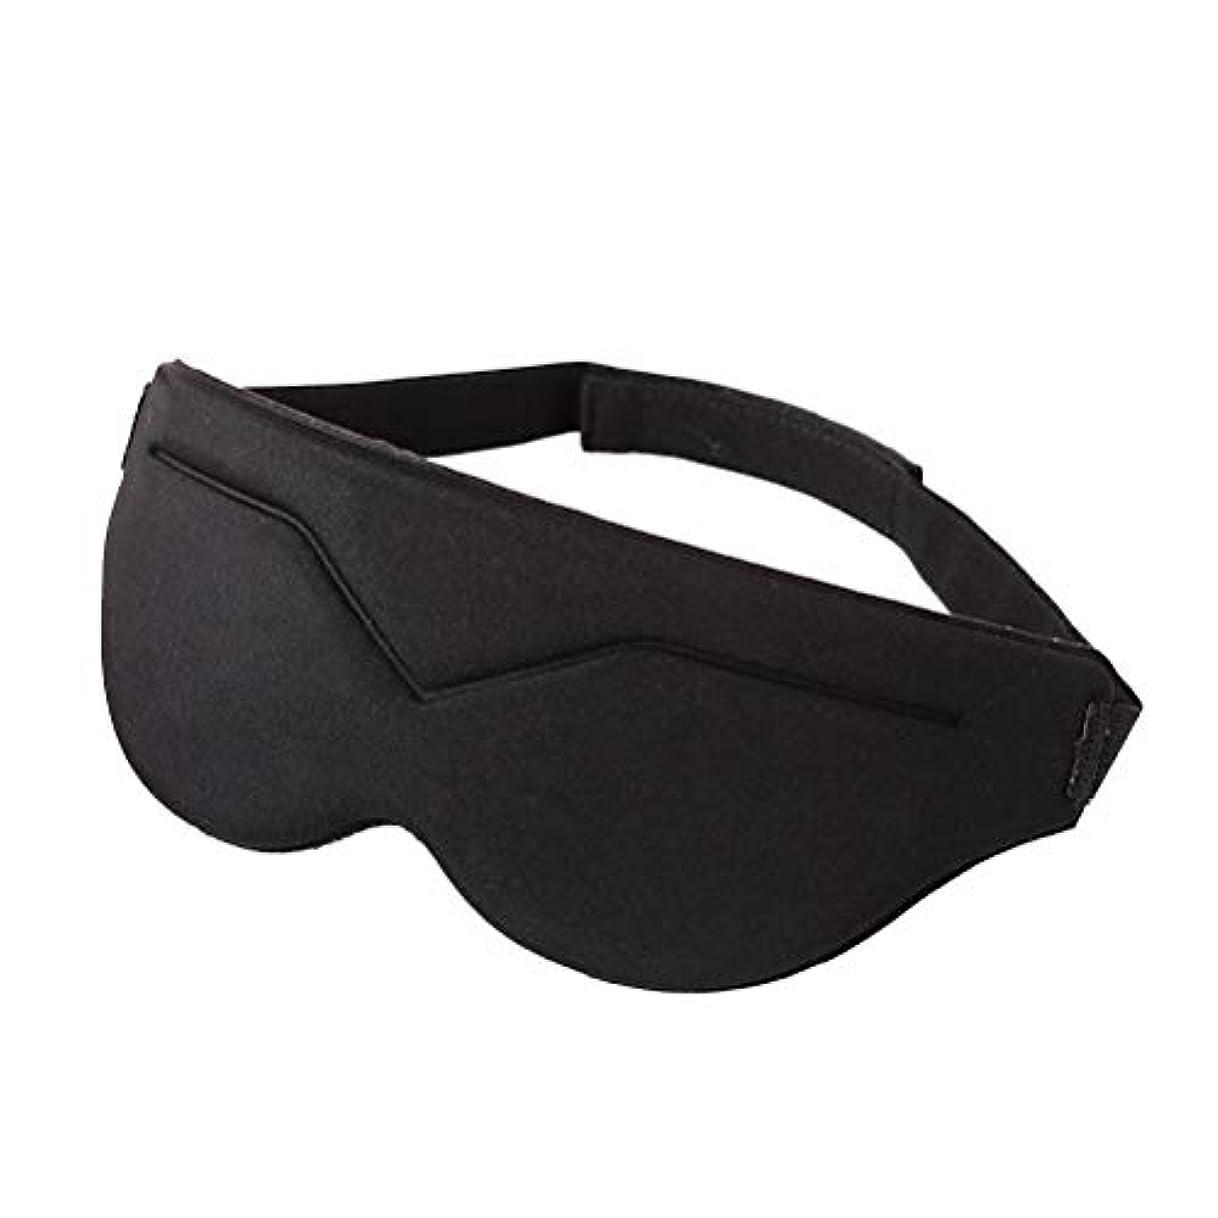 乱暴な人ランダムSuvox睡眠マスク3dぬいぐるみアイマスクアロマ目隠しアイカバー用女性男性子供ホームベッドオフィス旅行フライトカーキャンプ